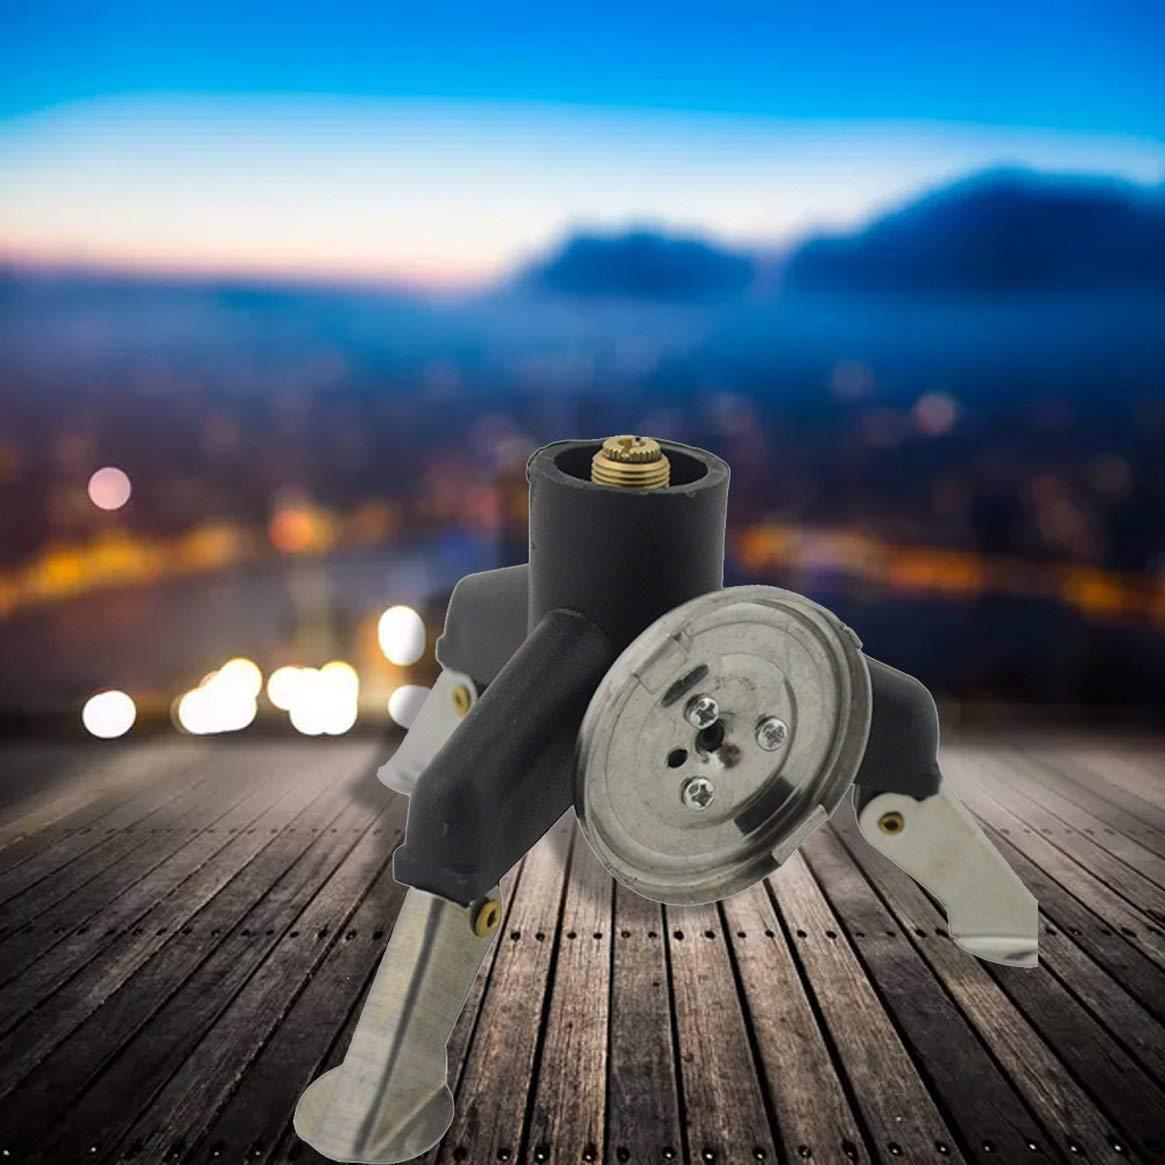 Delicacydex R/échaud /à r/éservoir Portable Convertisseur de gaz Adaptateur de Camping en Plein air Adaptateur de br/ûleur /à gaz Adaptateur pour cuisini/ère /à gaz Accessoires Argent et Noir